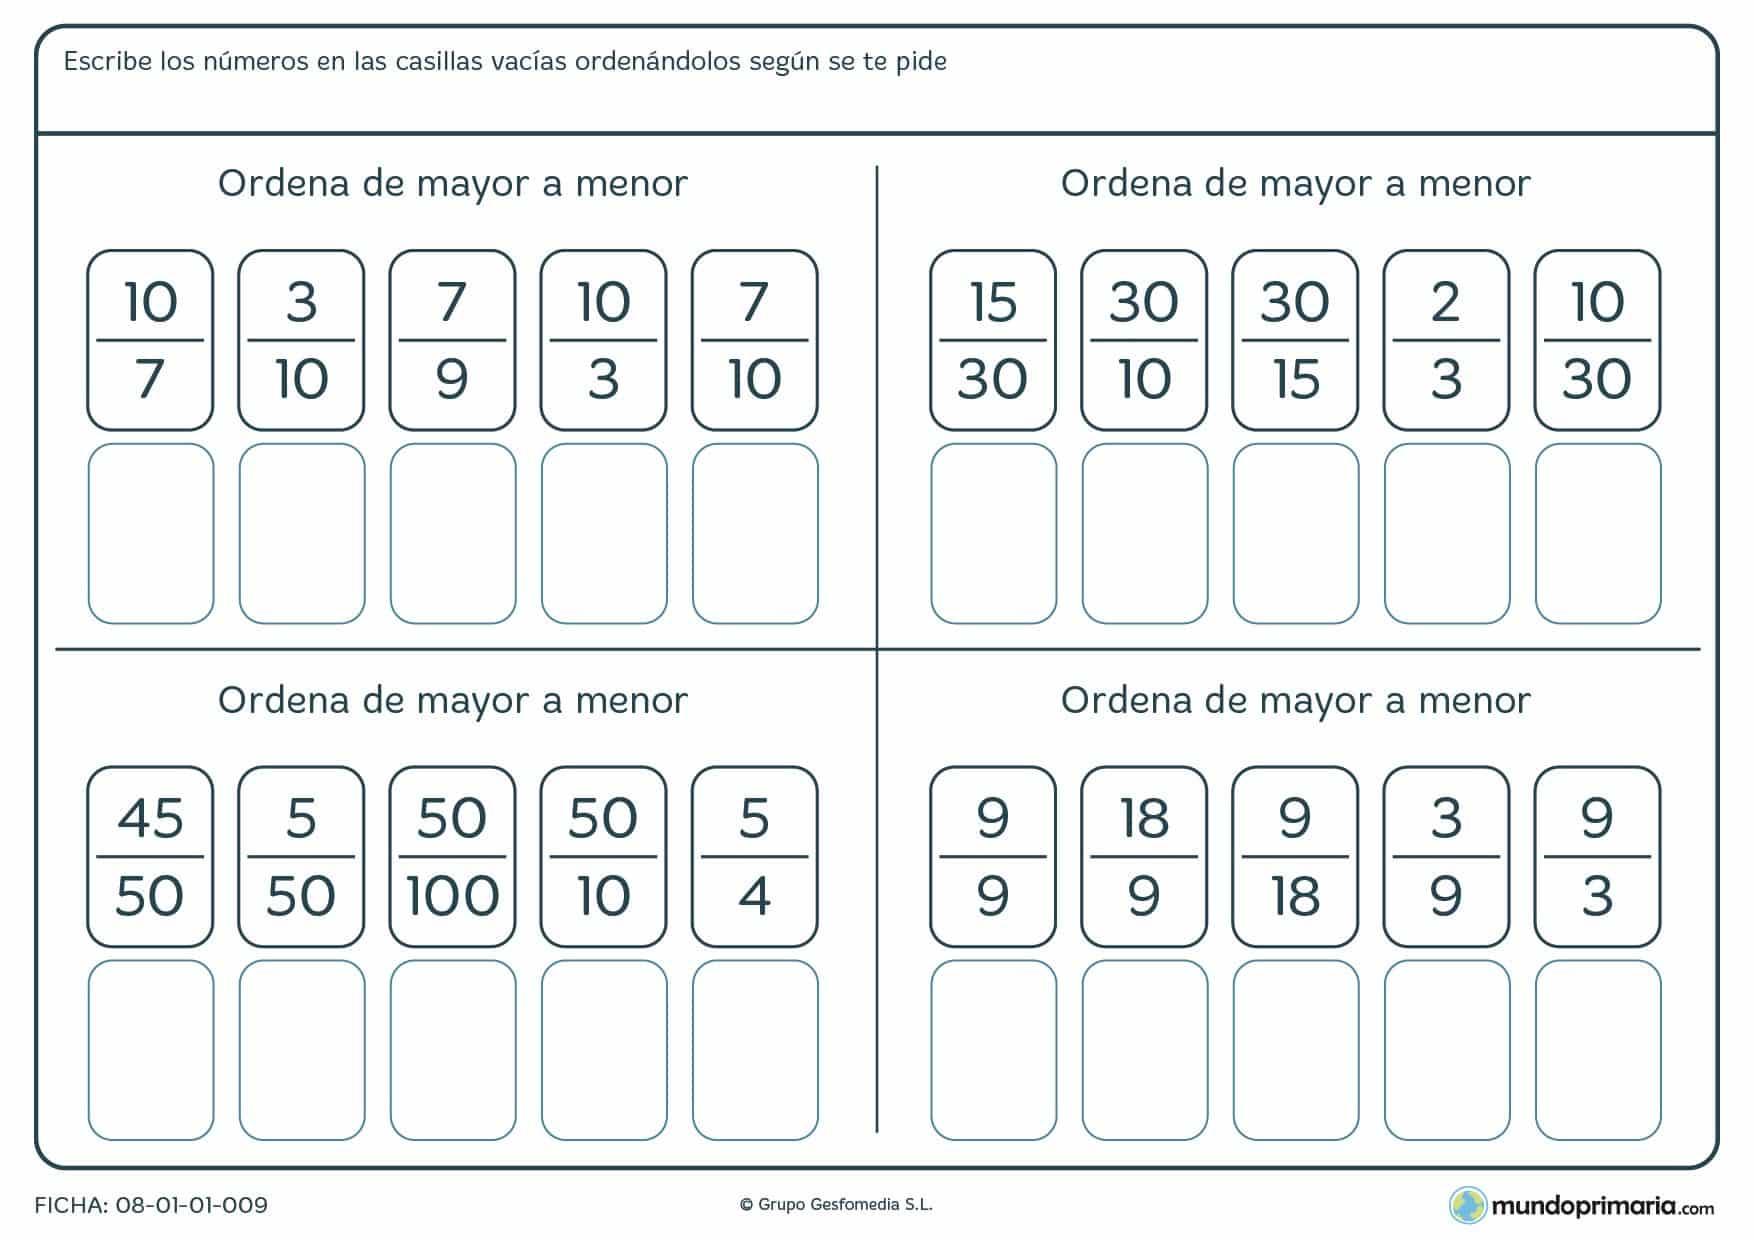 Ficha de mayor a menor fracciones para colocar en el orden que se te pida y de manera correcta.